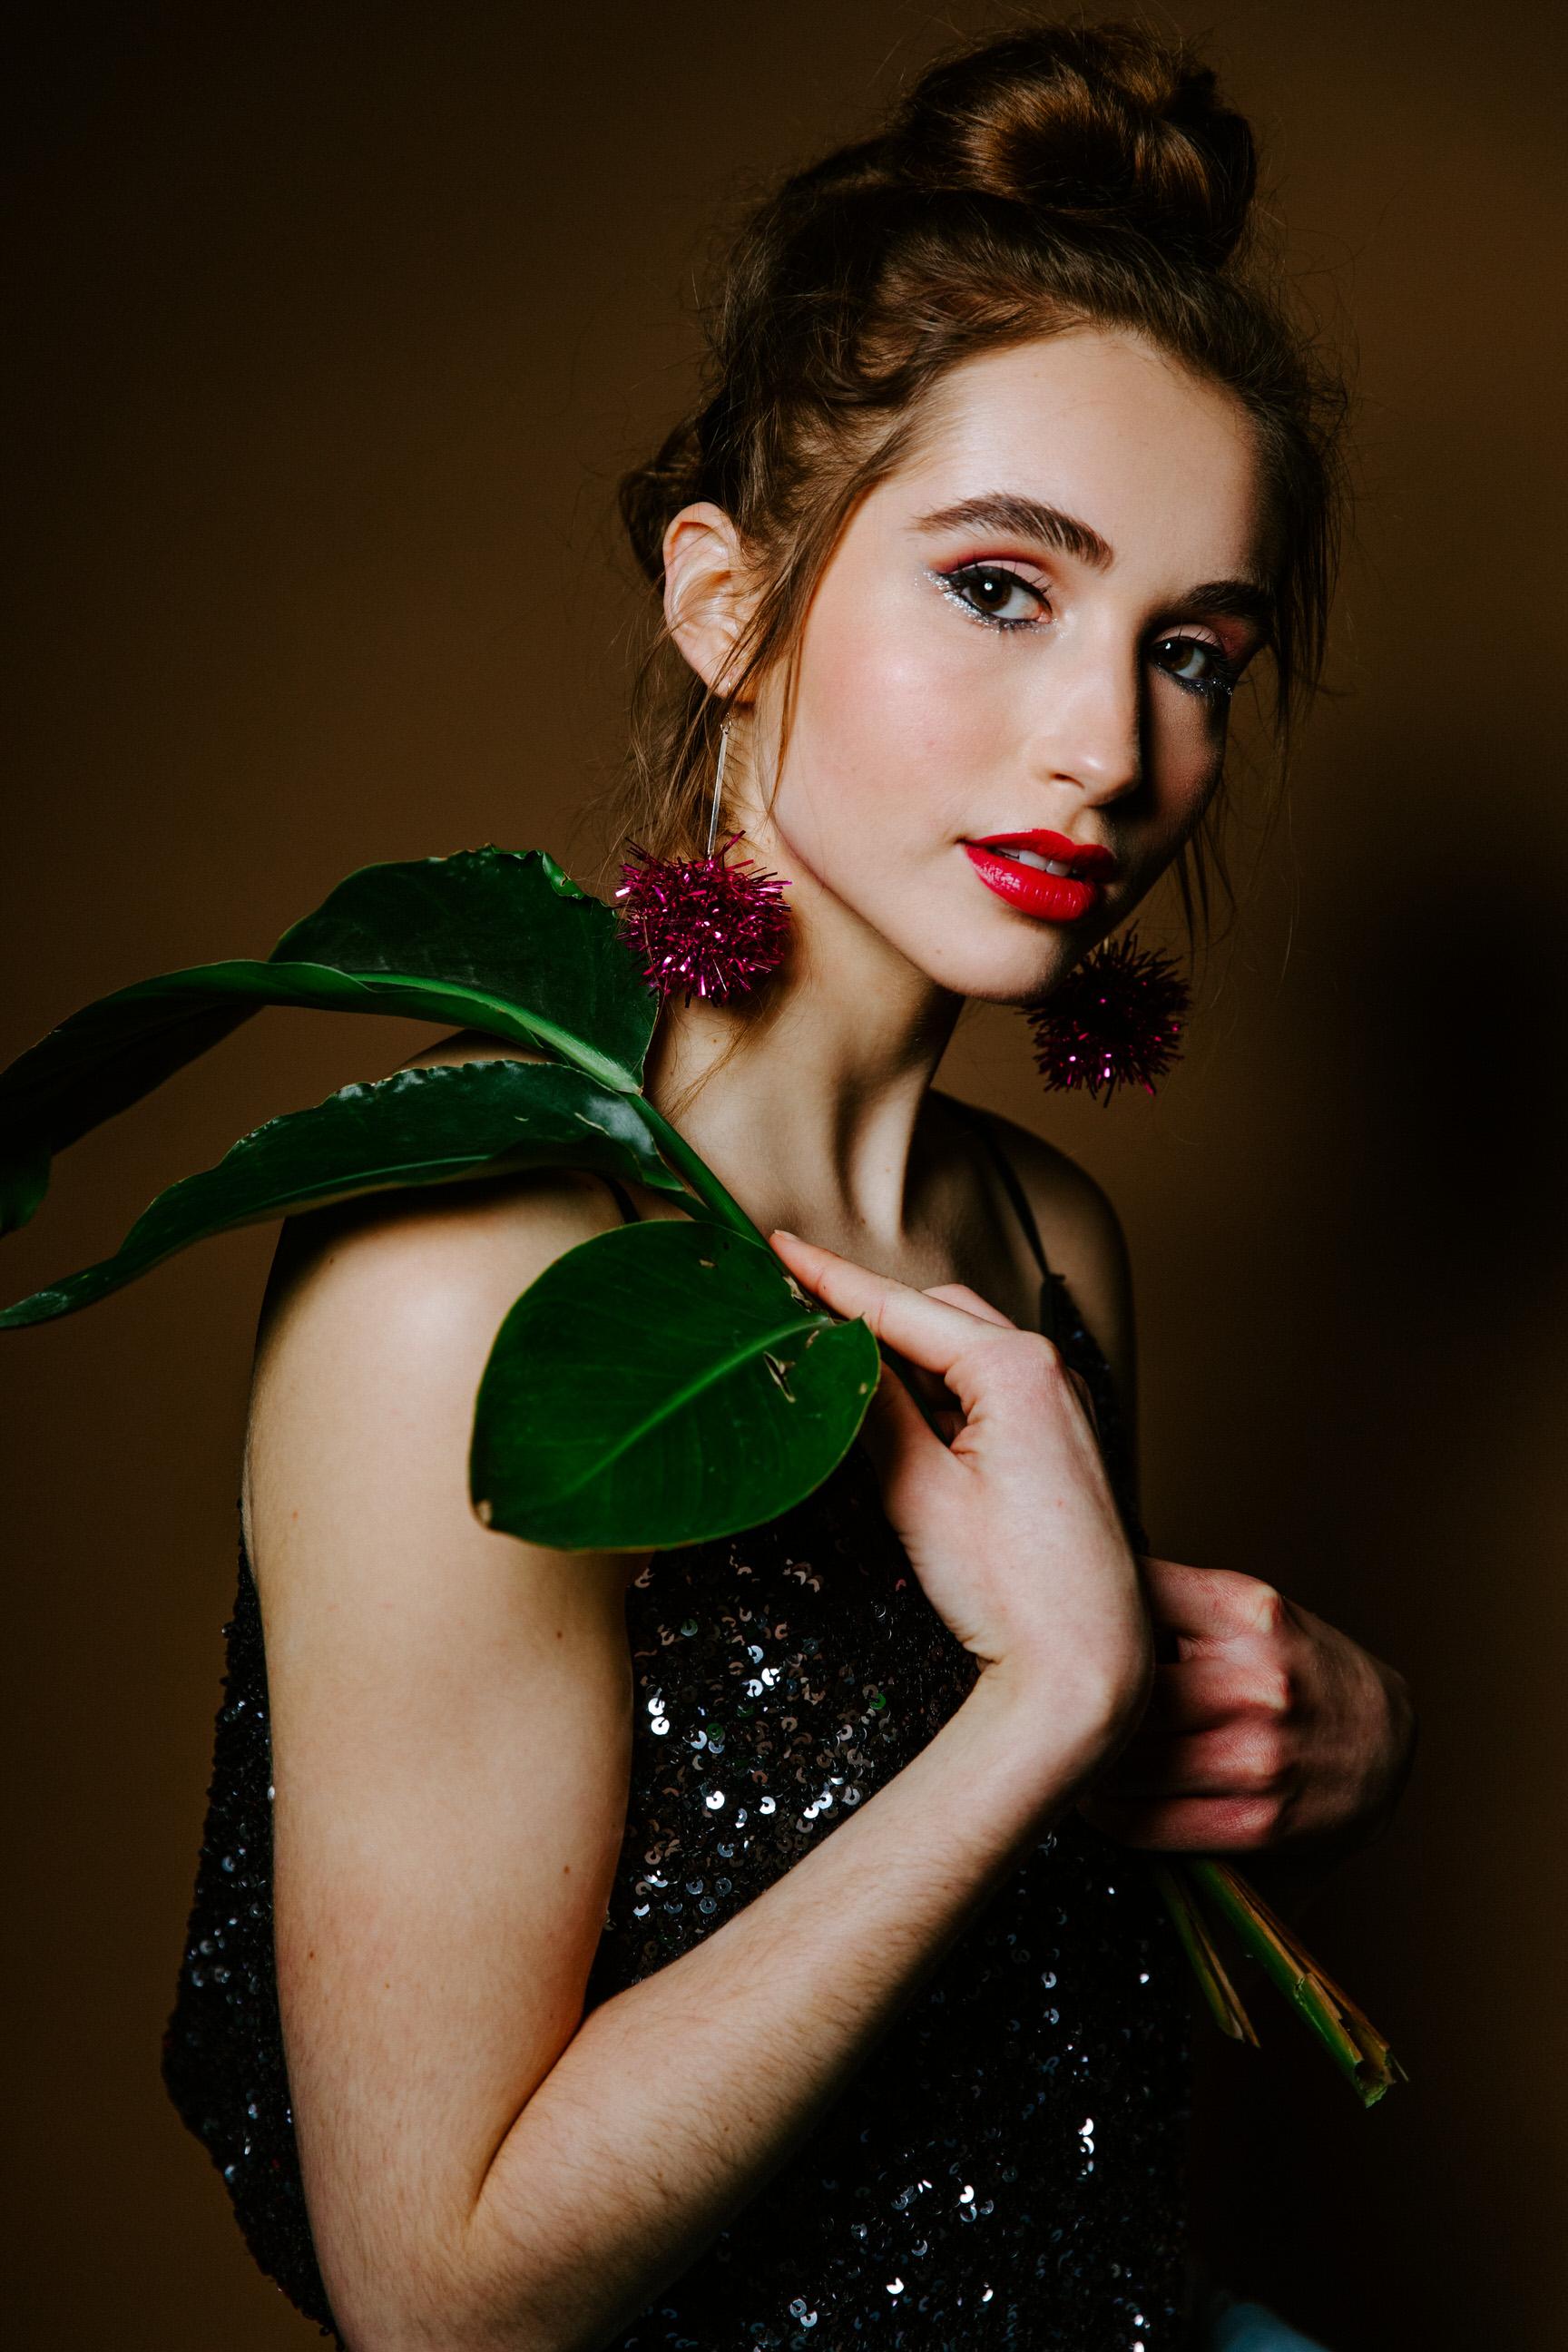 rebekah-earrings-8977.jpg